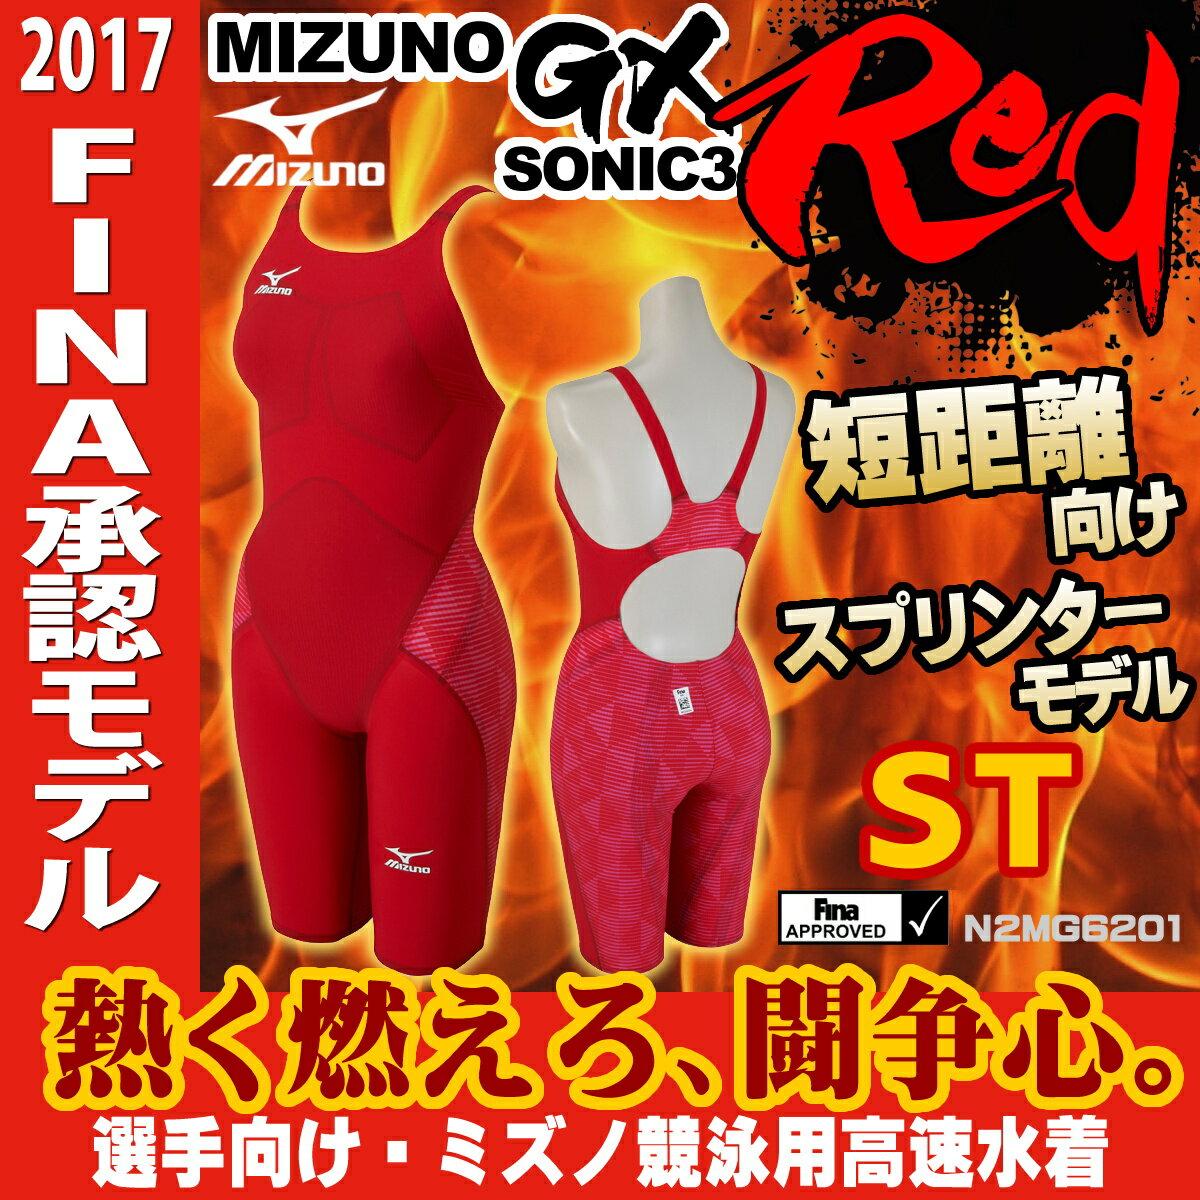 【送料無料/ポイント10倍】MIZUNO(ミズノ) レディース 競泳用水着 スイムウェア スイミング GX・SONIC3 ST RED ハーフスーツ【N2MG6201】[競泳/布帛素材/選手向き/スプリンター/高速水着/FINAマーク付/女性用/ジーエックスソニックスリー]